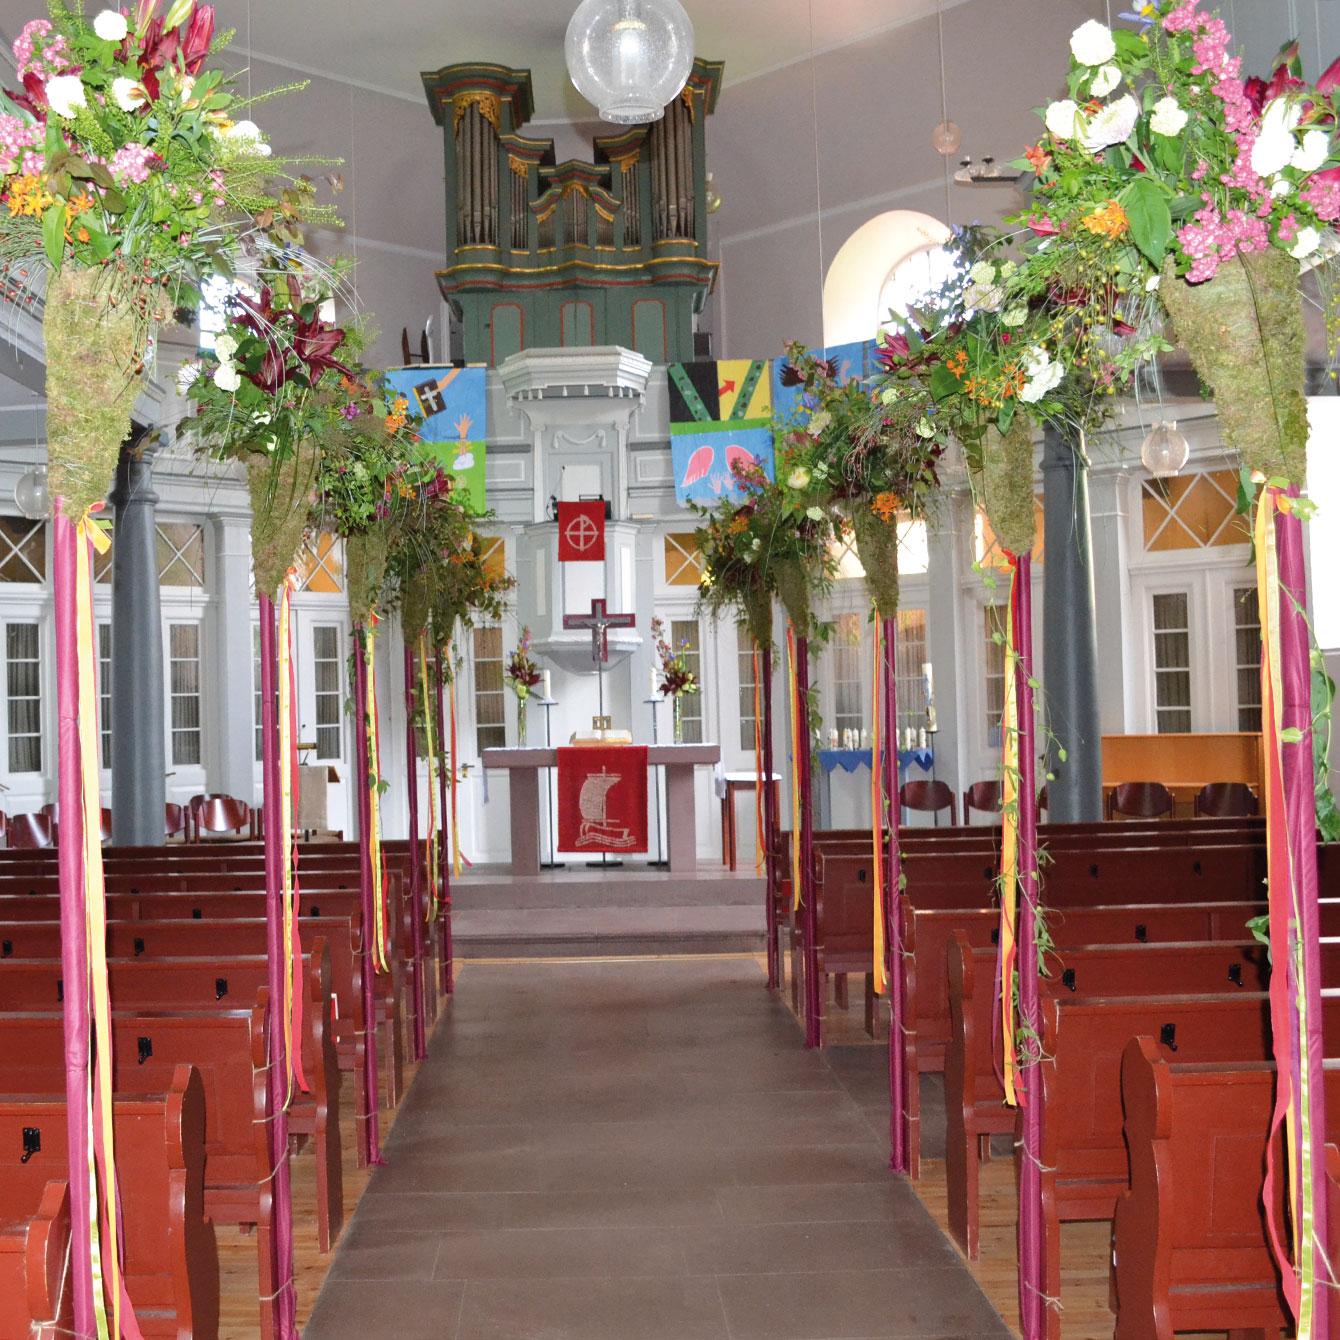 Die zur Konfirmation festlich geschmückte evangelische Kirche in Messel.